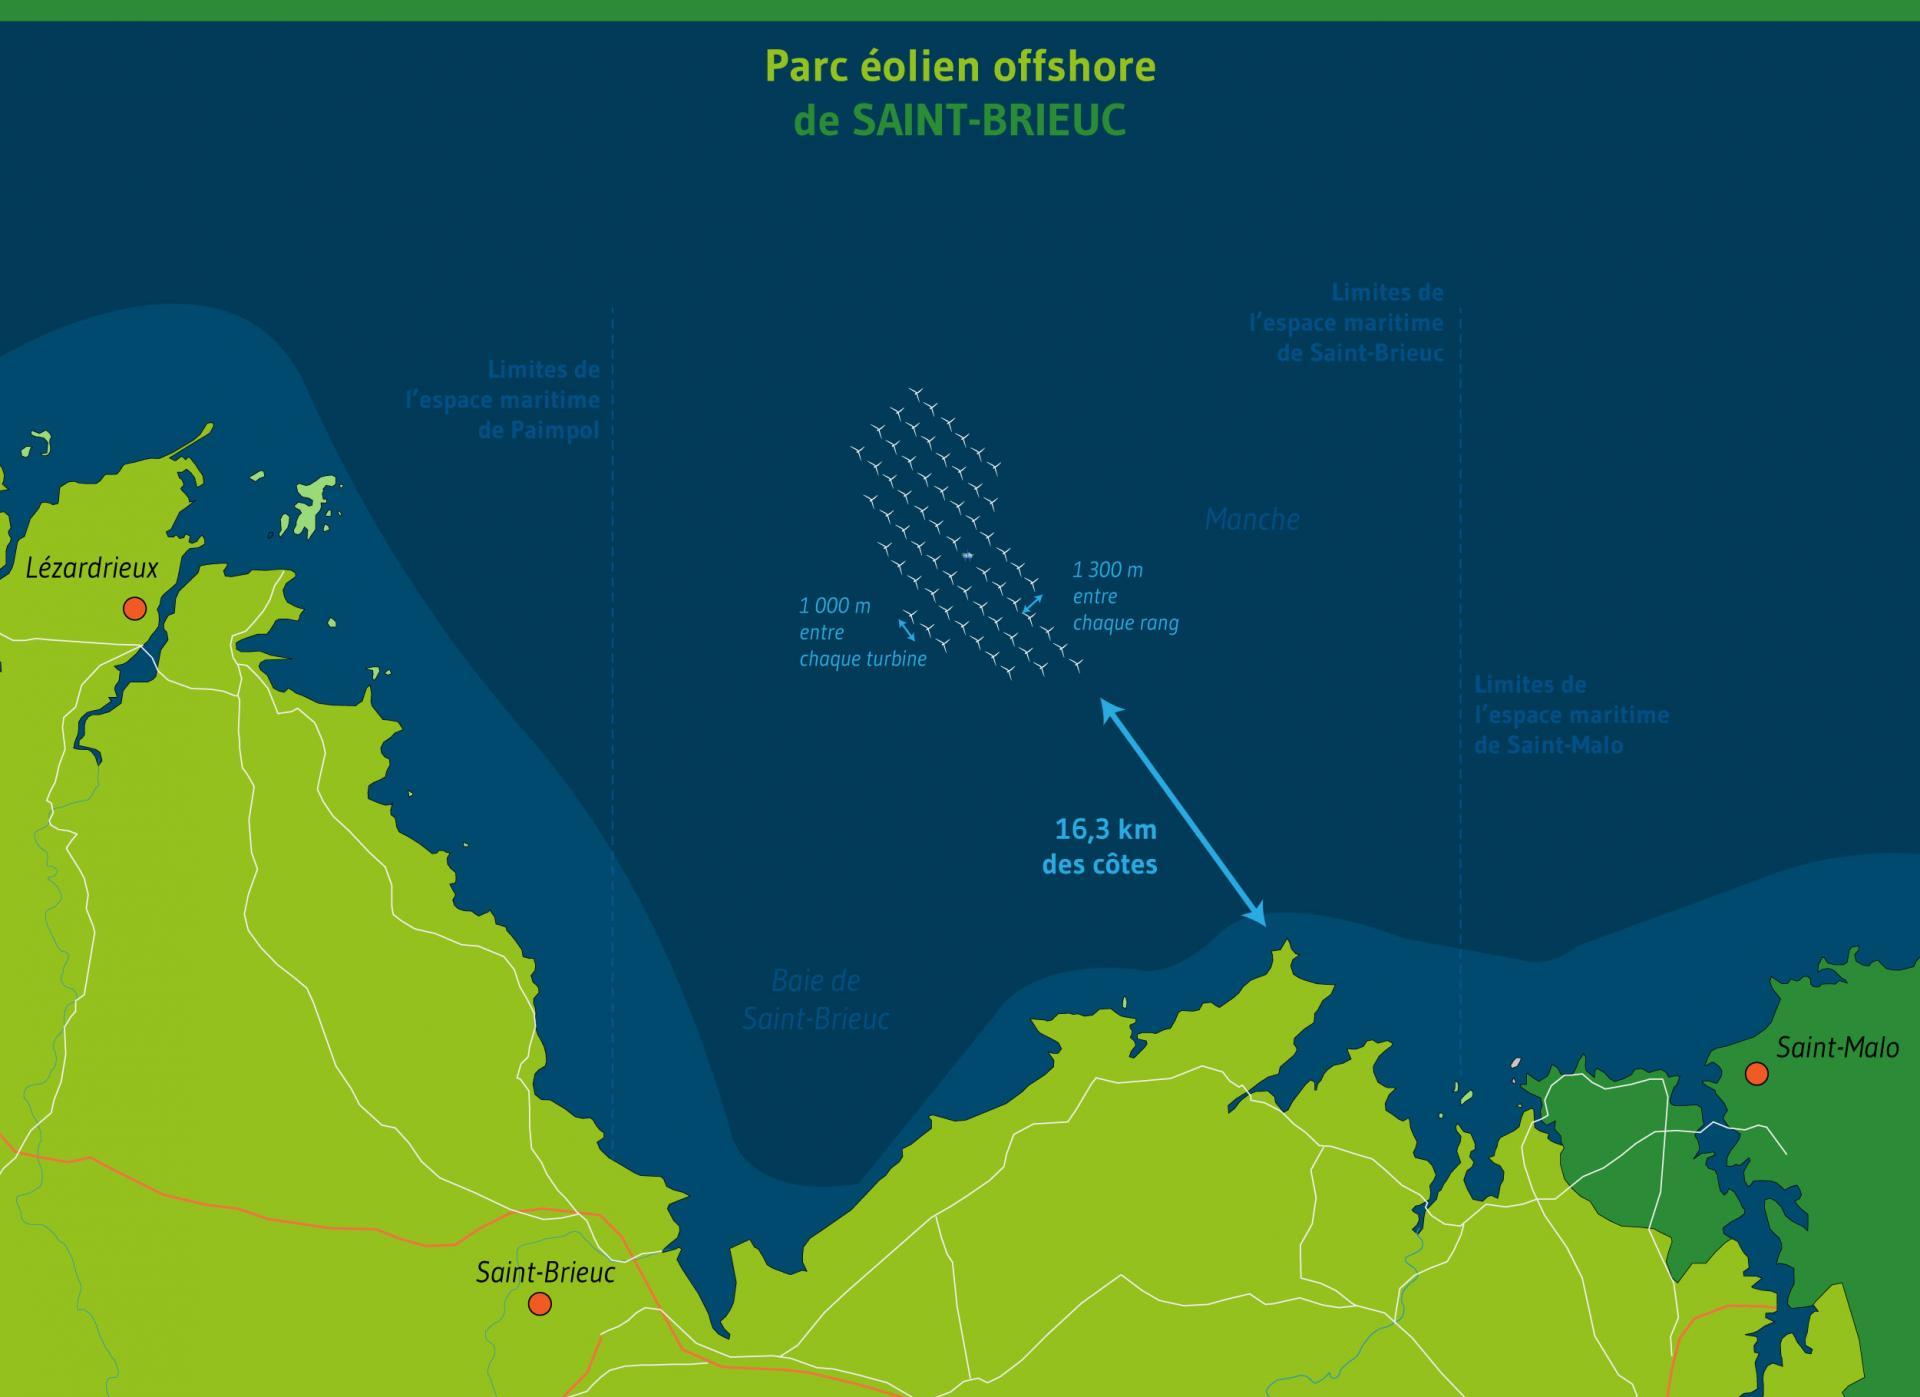 Map of Saint-Brieuc Offshore wind farm